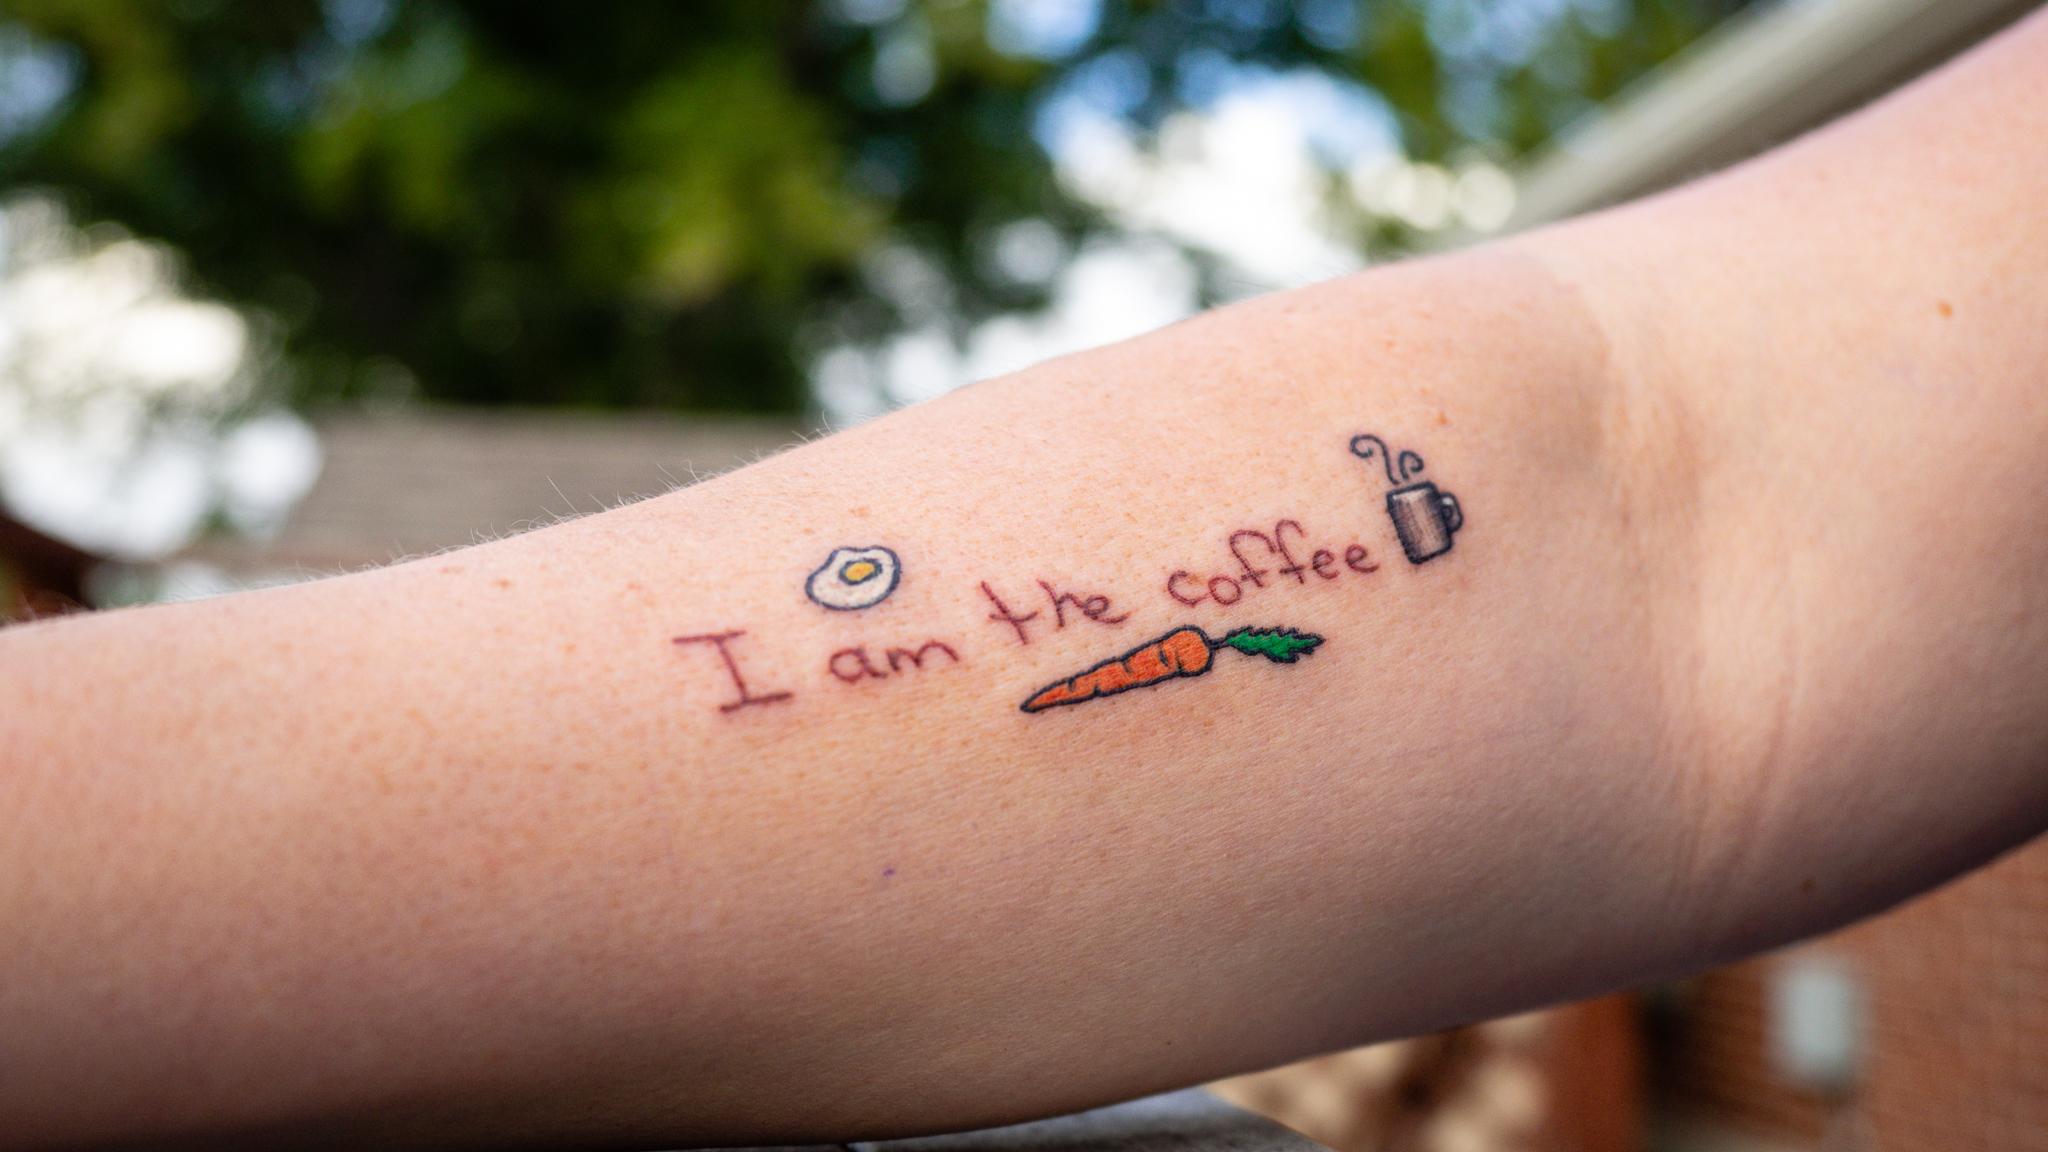 I am the coffee